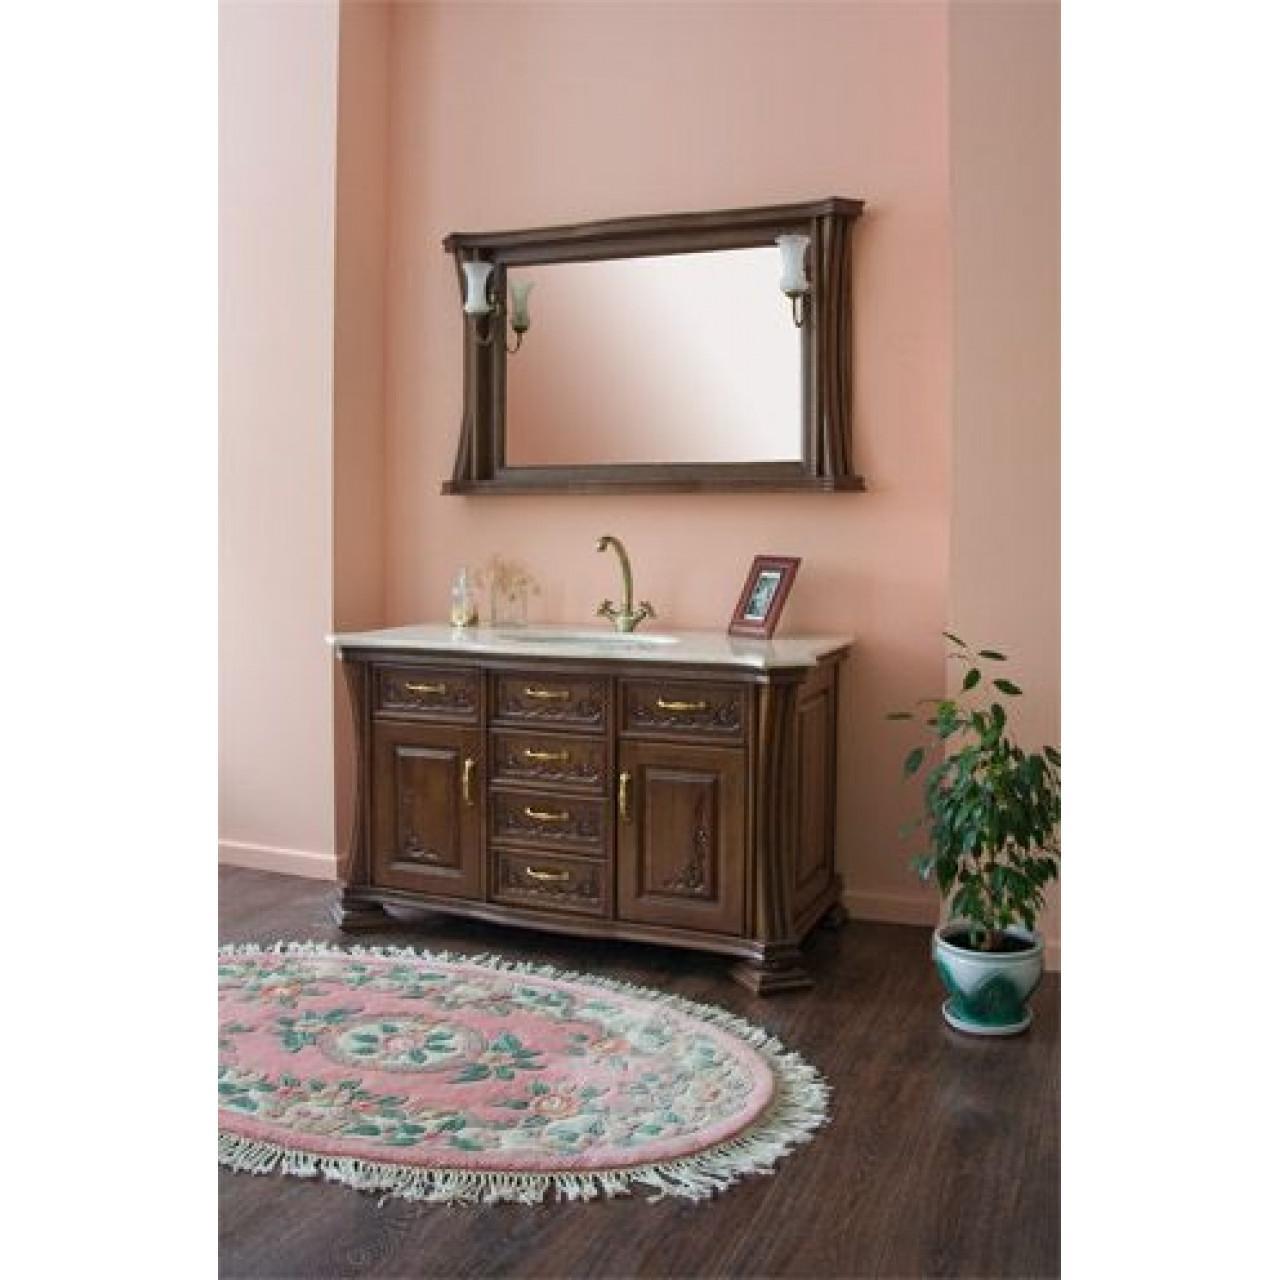 Комплект мебели Аллигатор Классик 125B зеркало в раме купить в Москве по цене от 149600р. в интернет-магазине mebel-v-vannu.ru